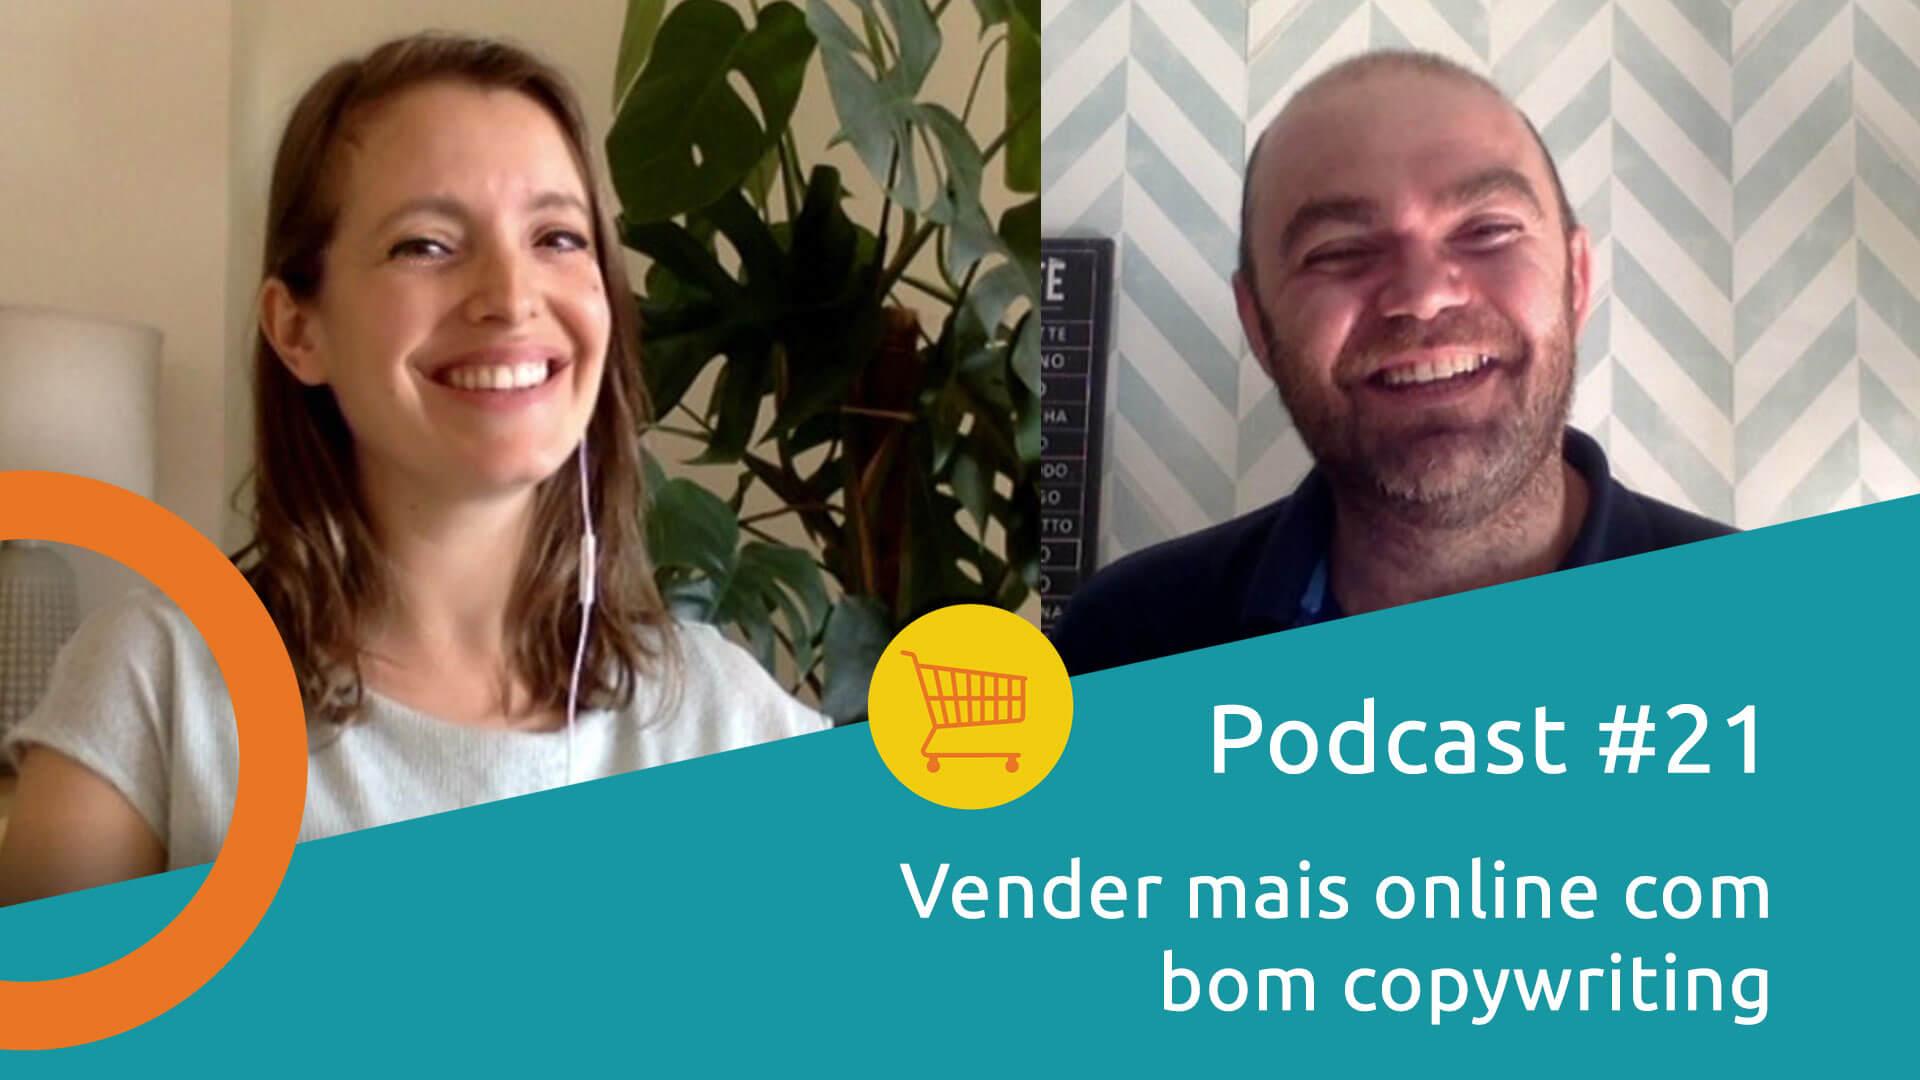 Vender Mais Online com Bom Copywriting